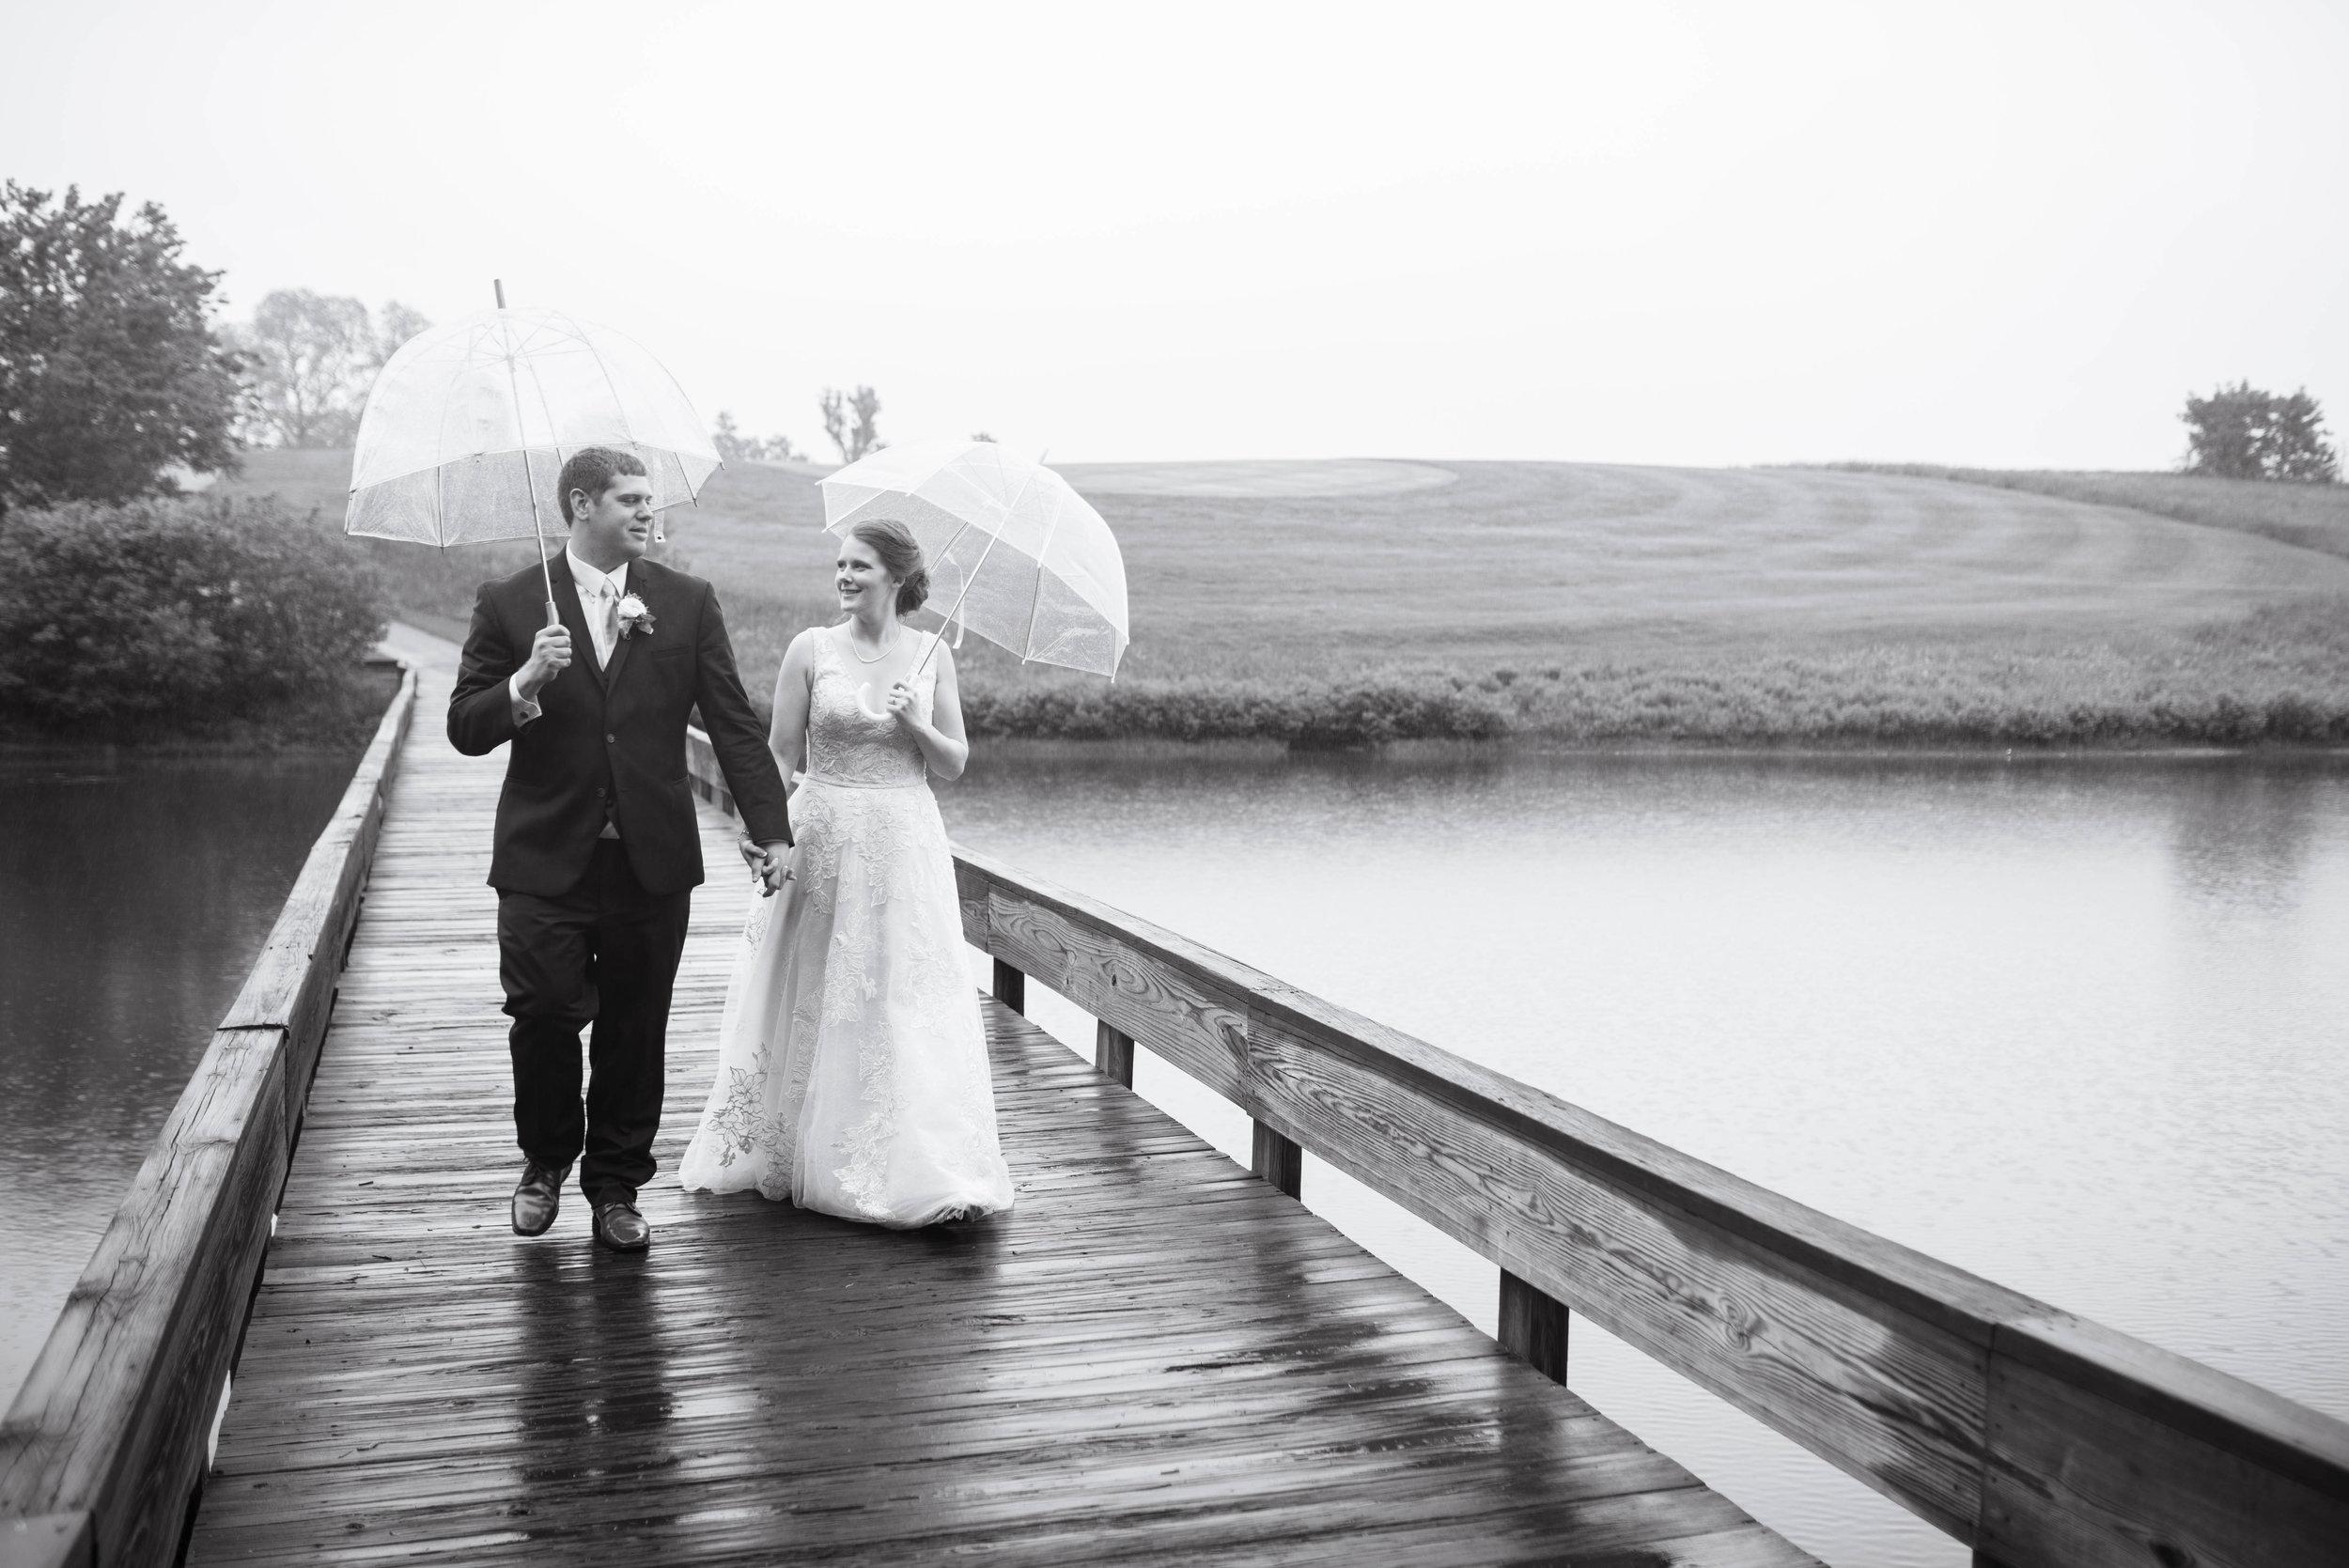 blue-ridge-wedding-ashley-nicole-photography-restoration-hall-crozetphotography-restorationhall-charlottesville-wedding-27.jpg